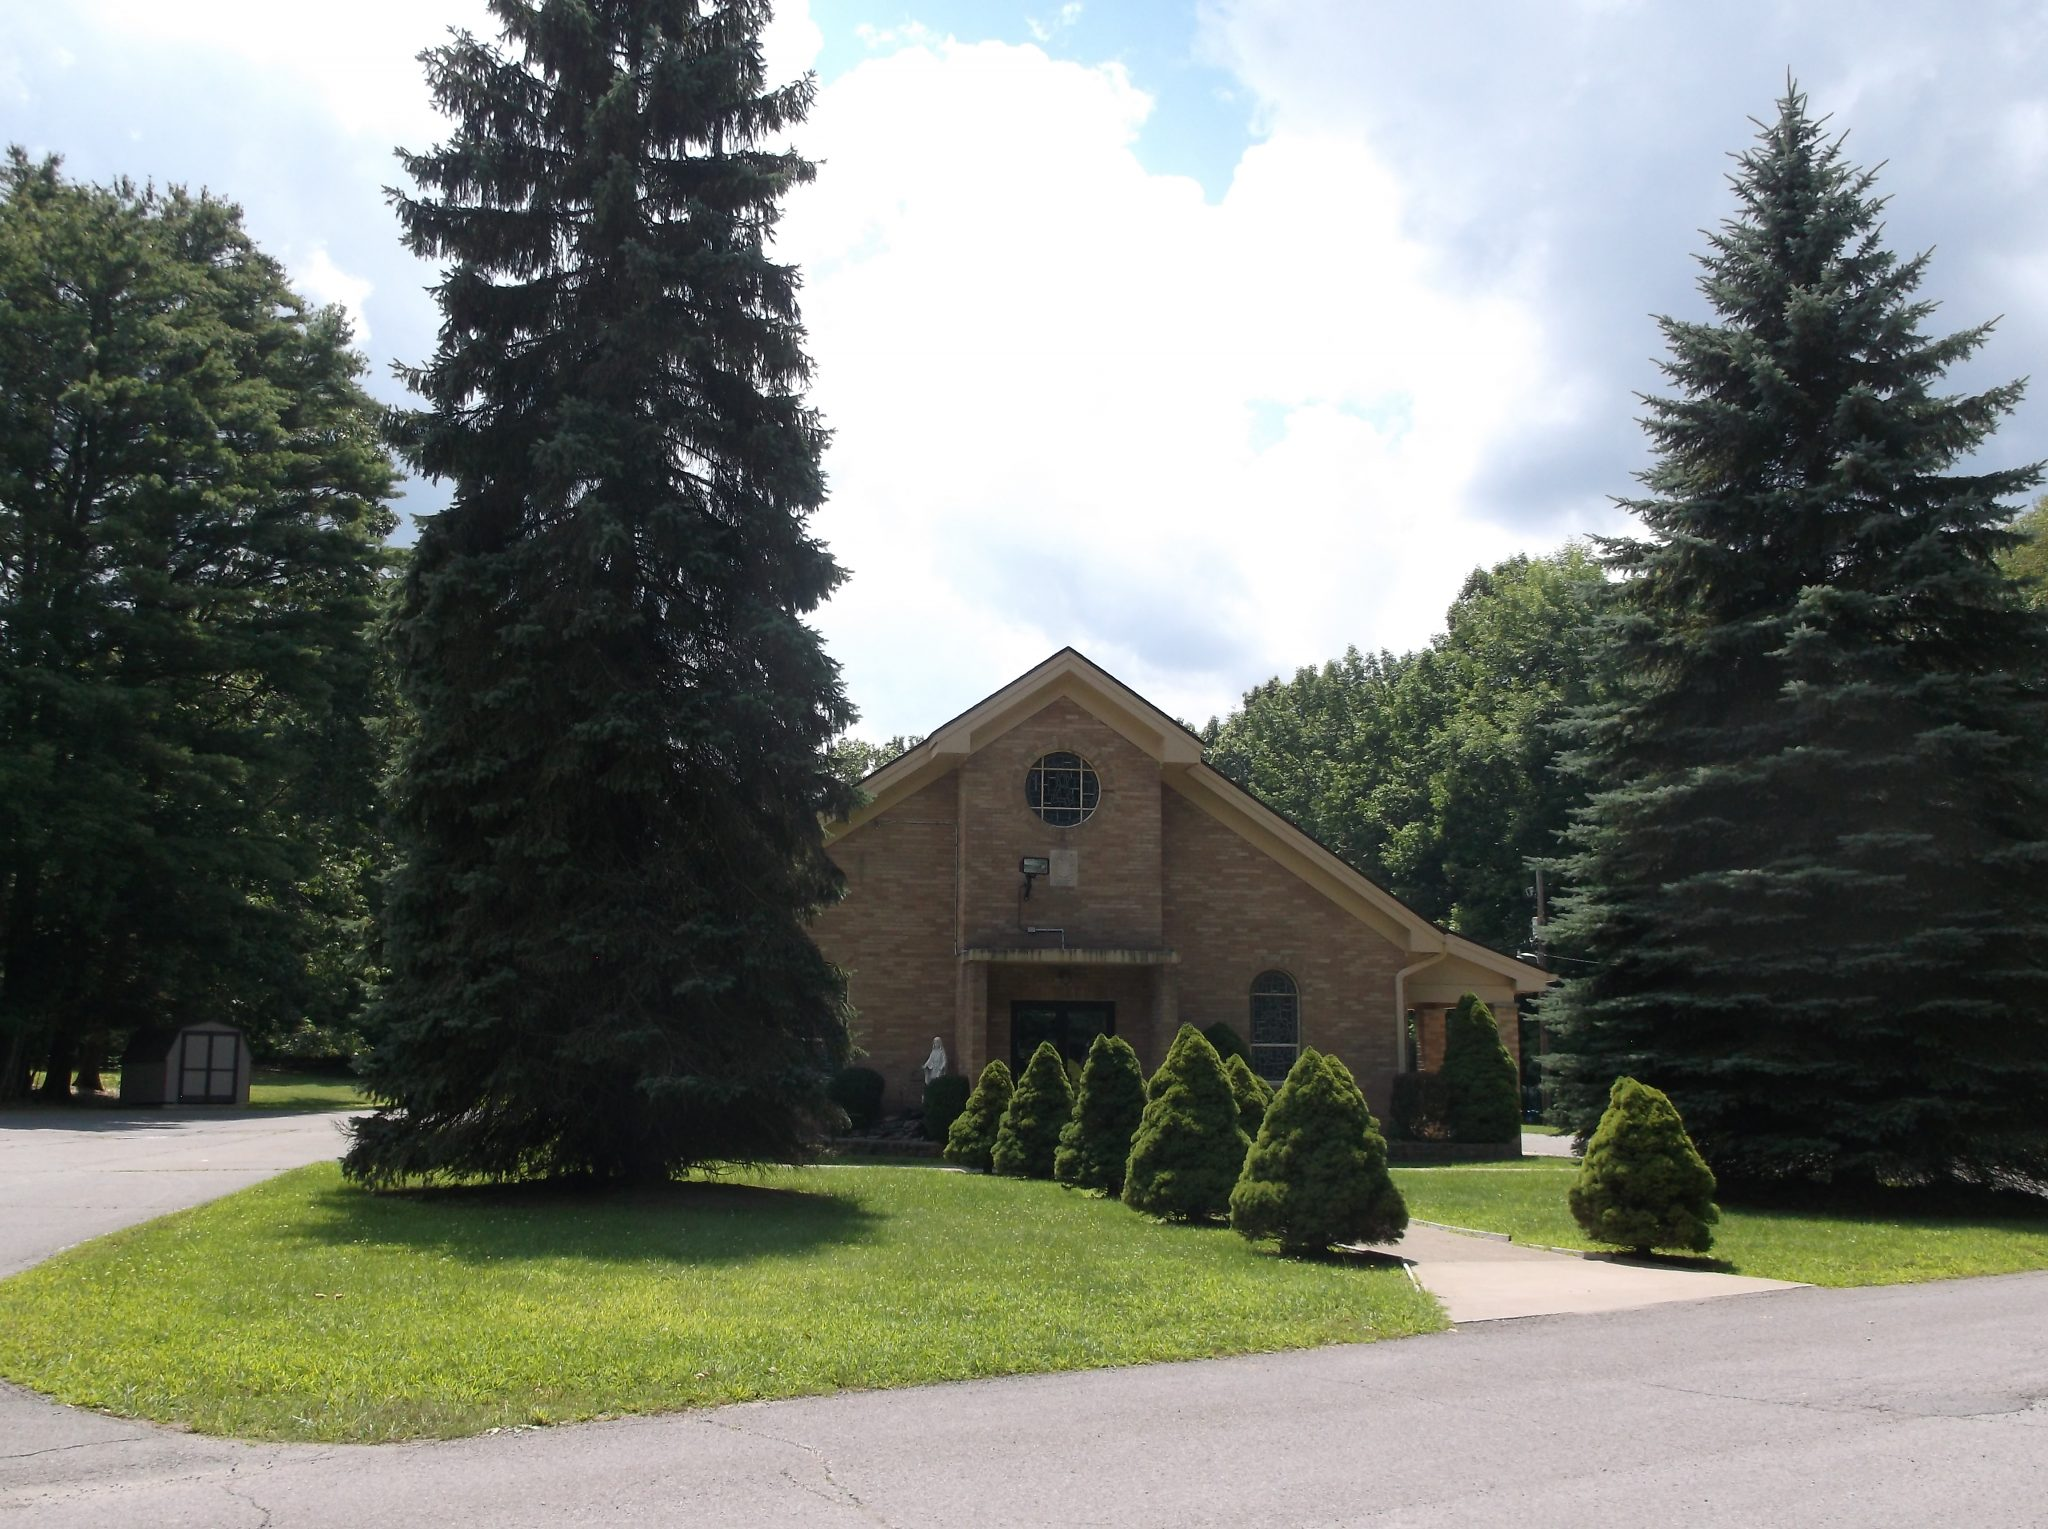 Saint Veronica Church